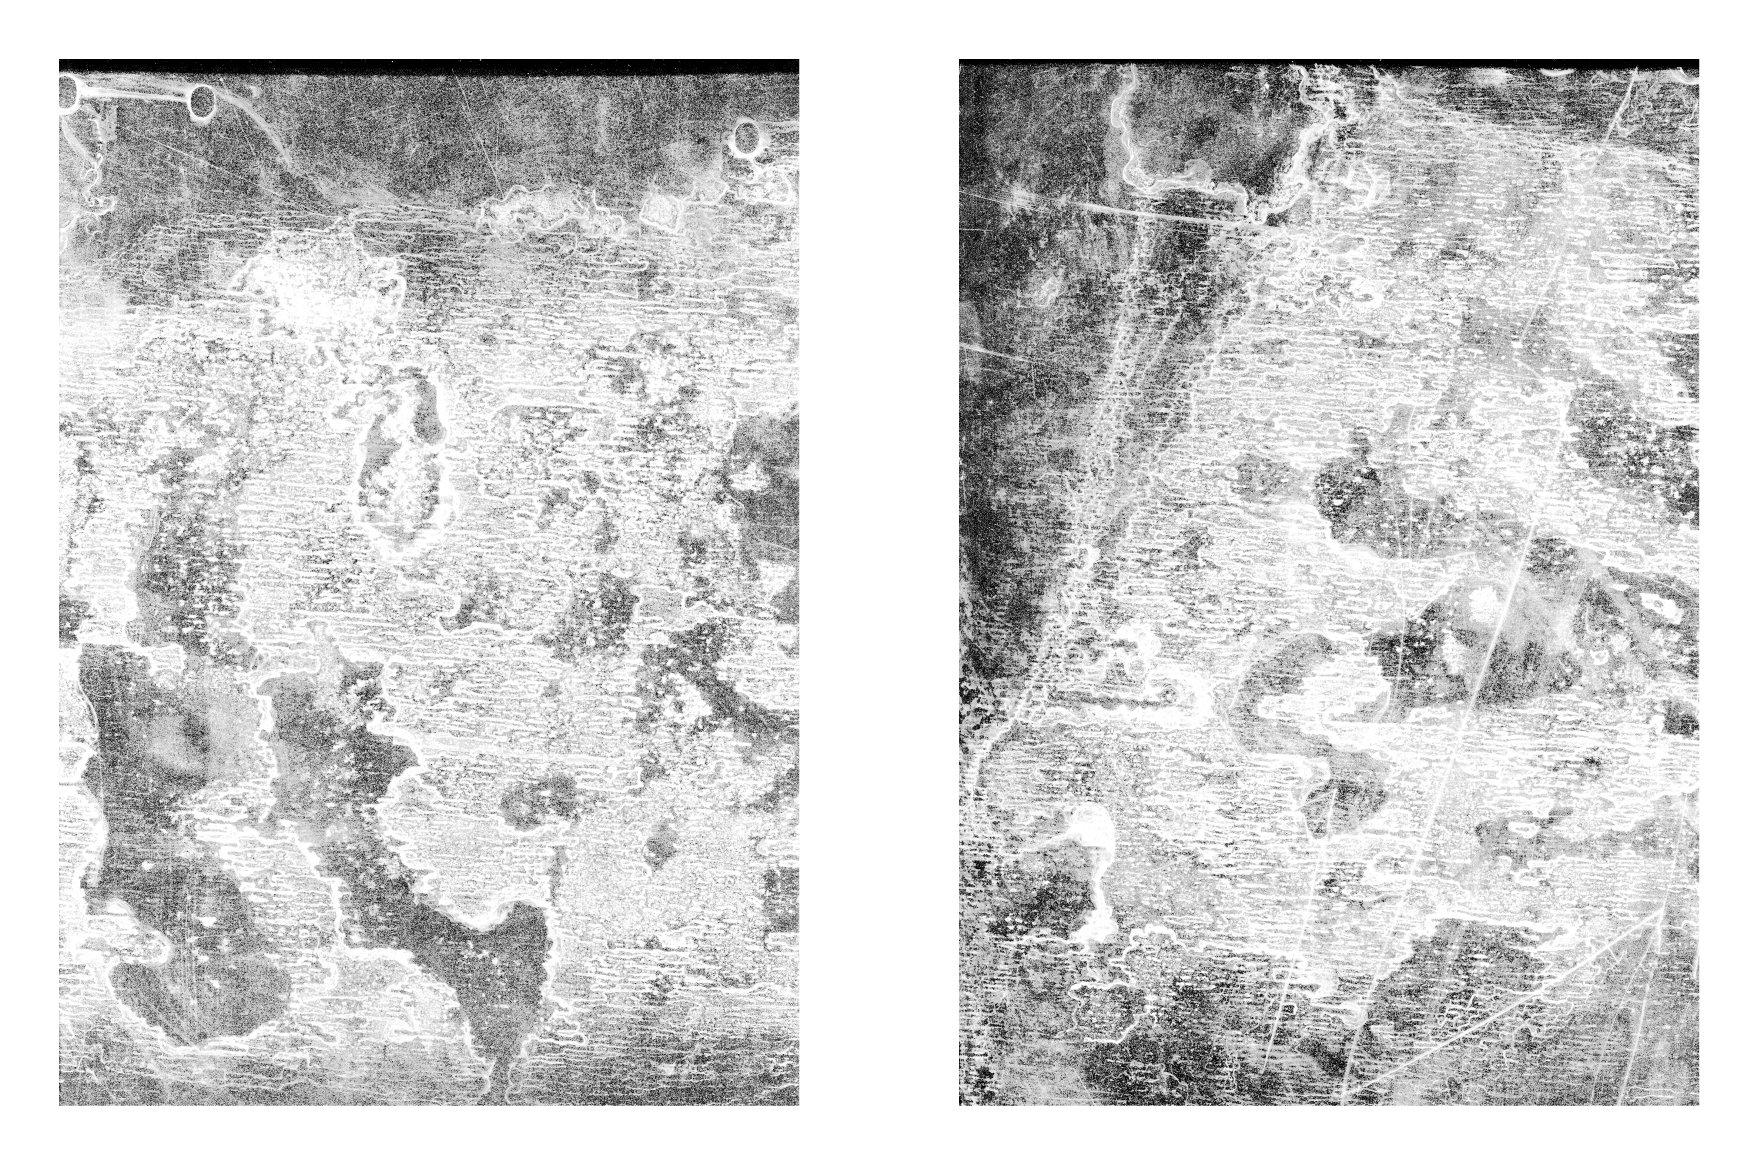 156款复古做旧折痕磨损褶皱纸张背景纹理素材合集 The Grunge Texture Bundle Vol. 1插图(39)